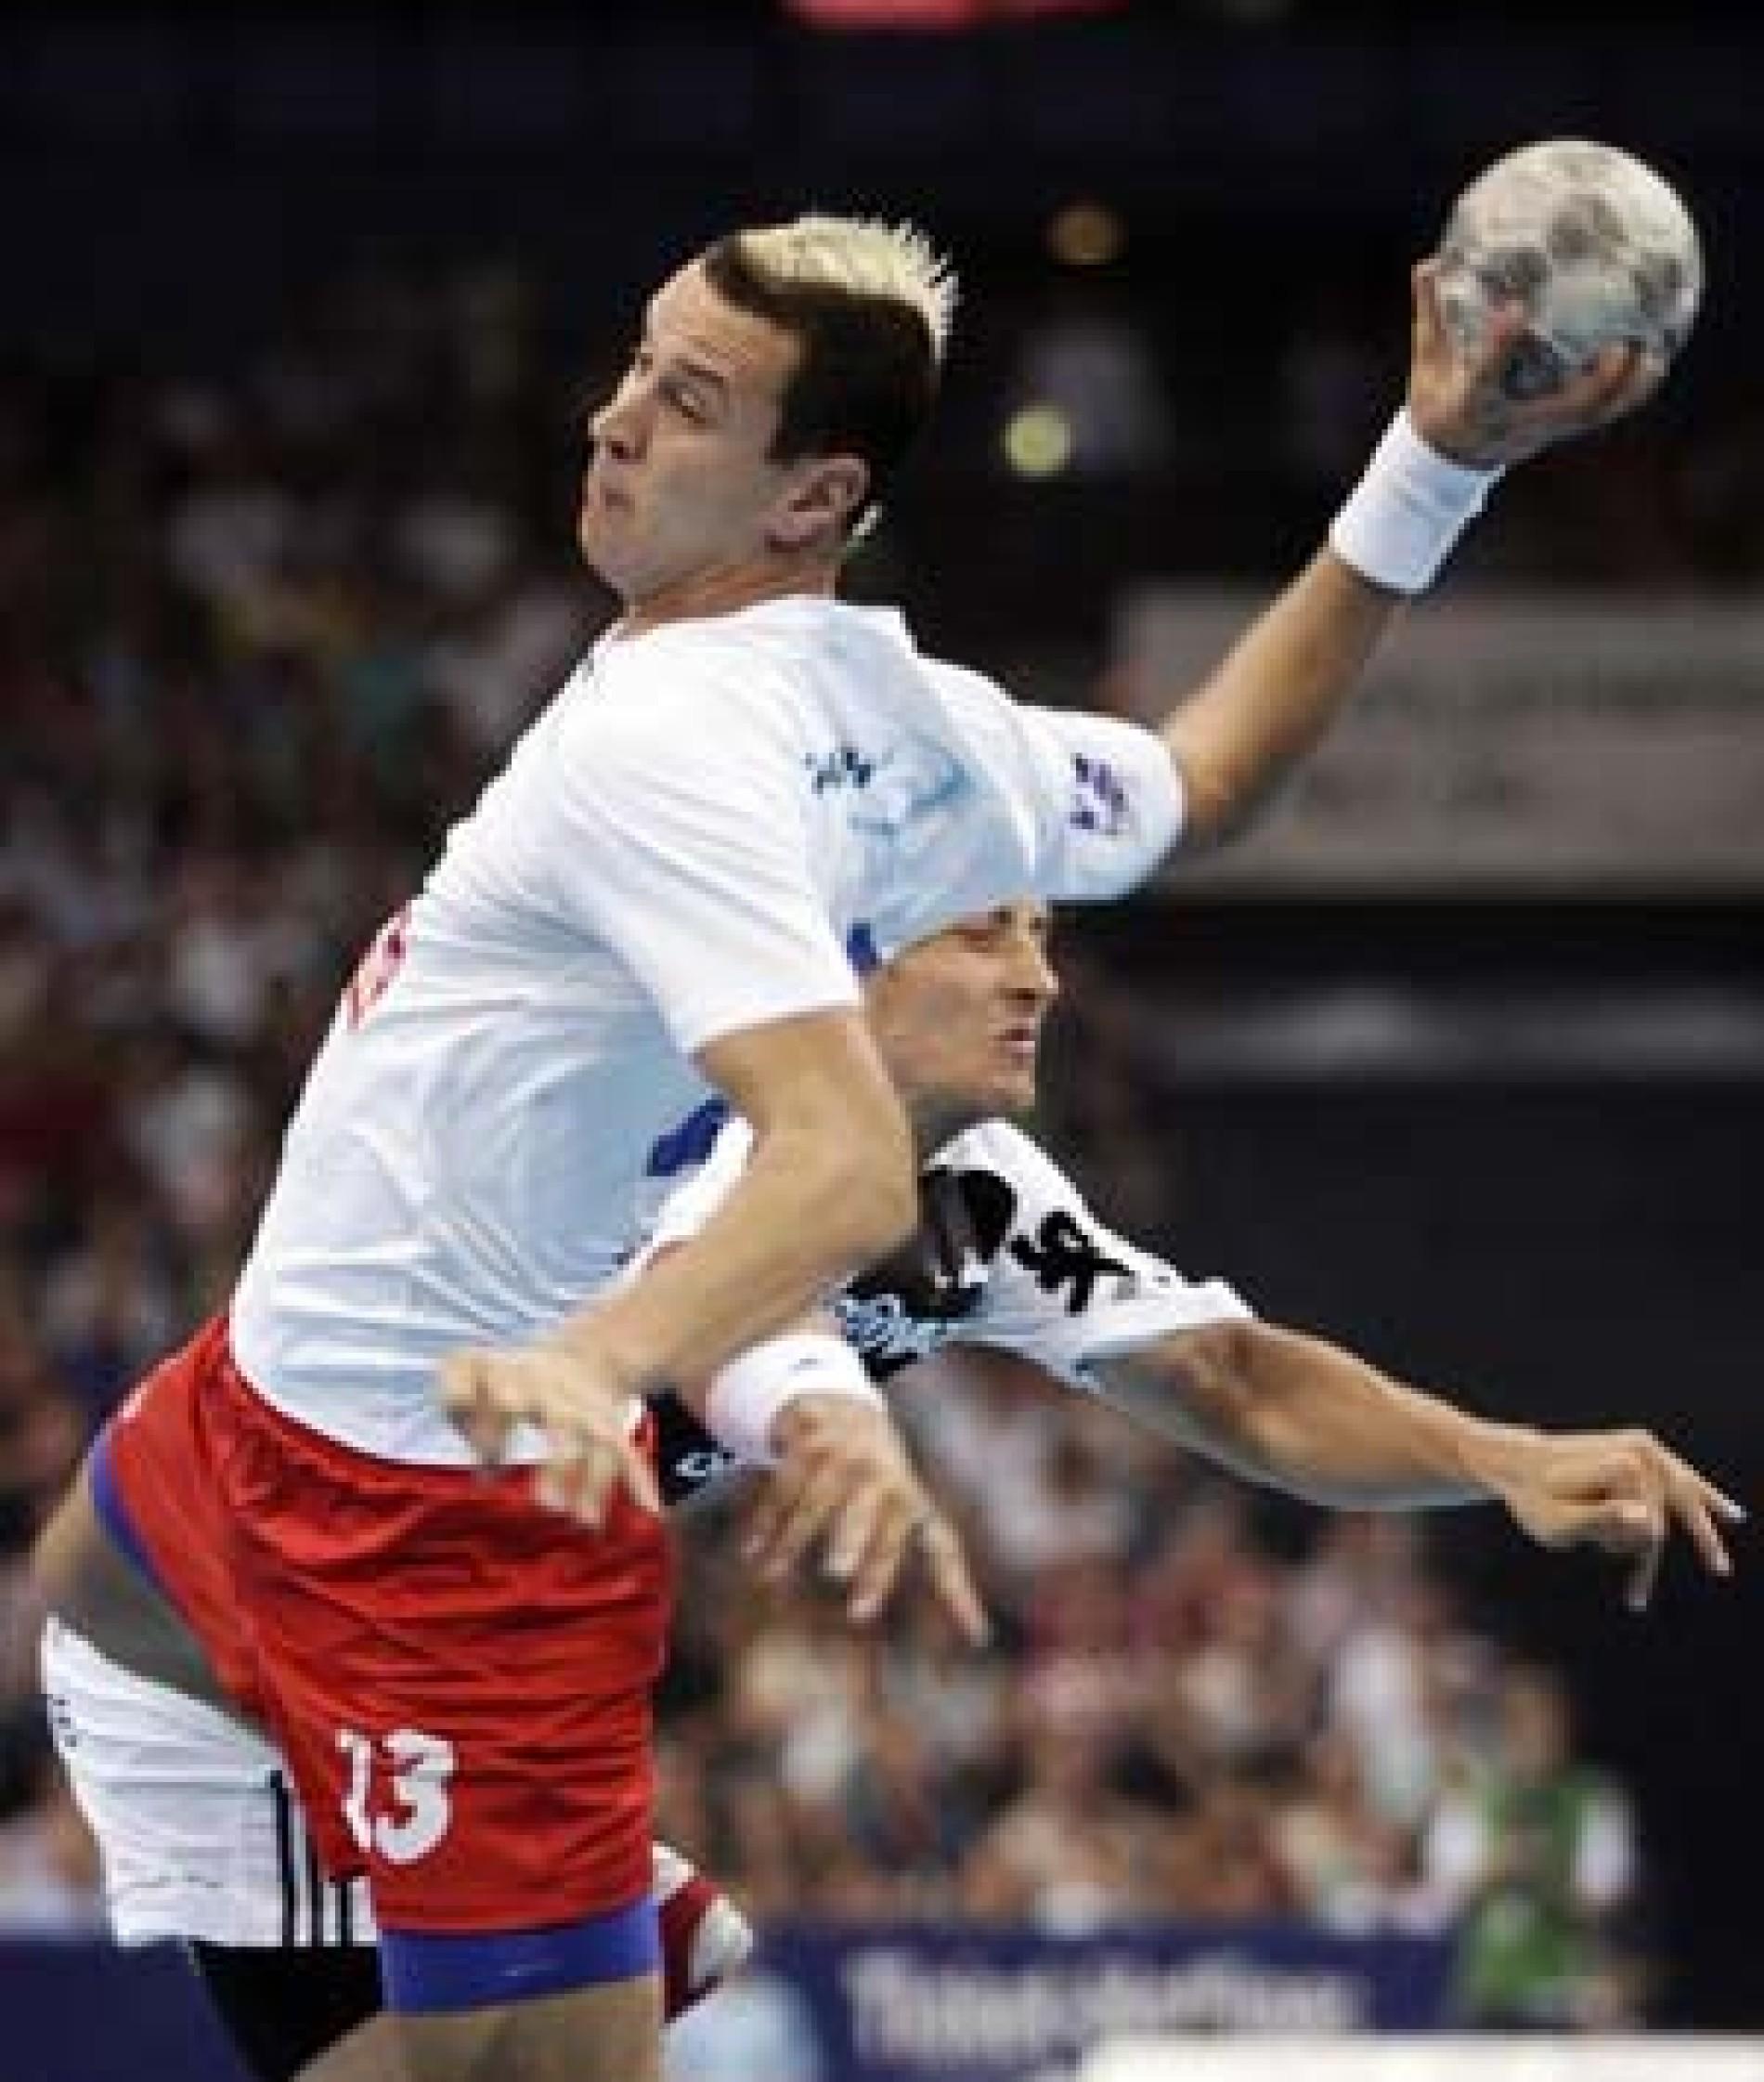 handball hartetest fur pommes mehr